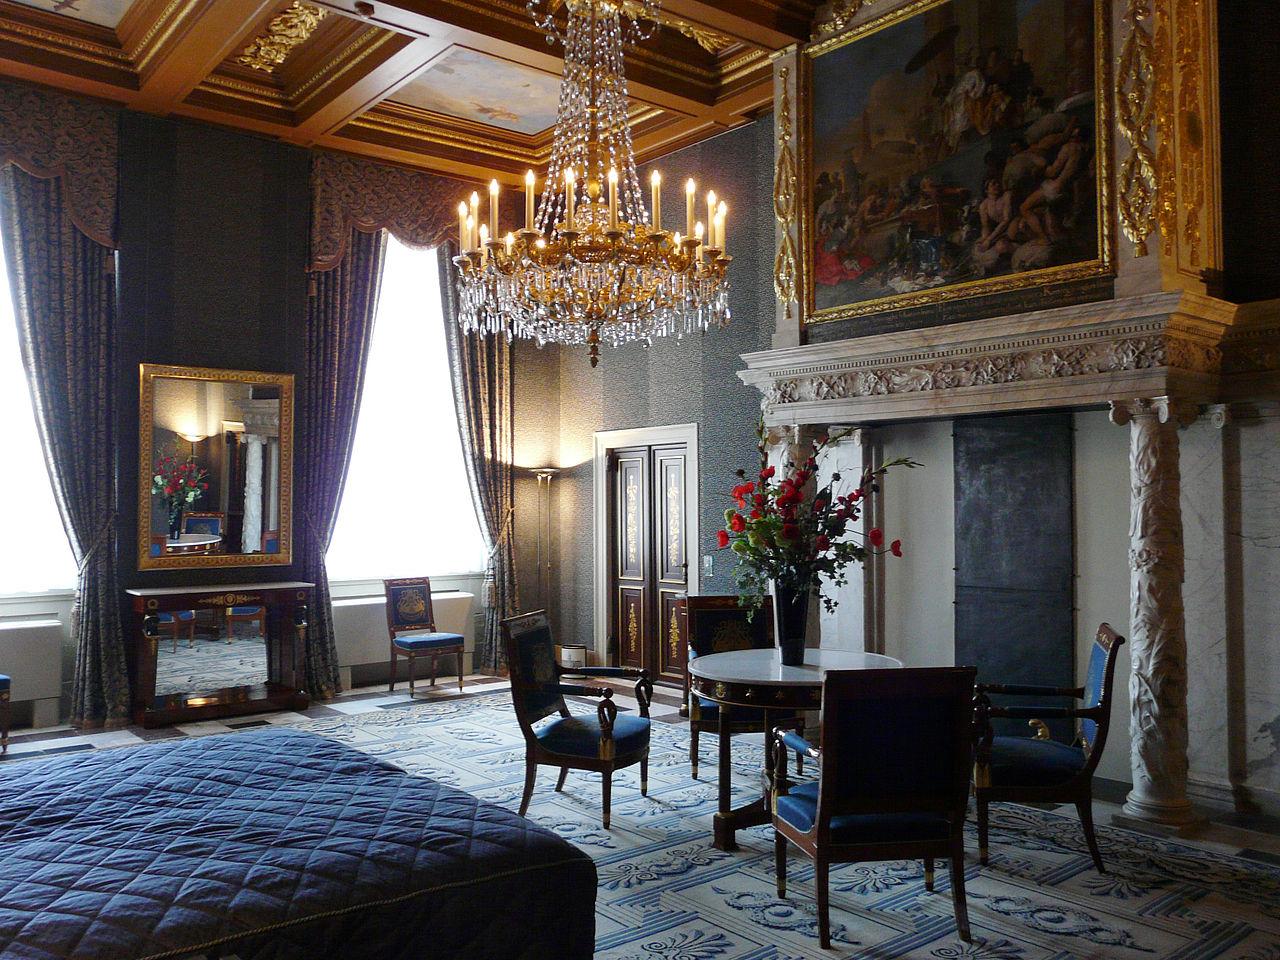 Королевский дворец в Амстердаме, интерьер спальни